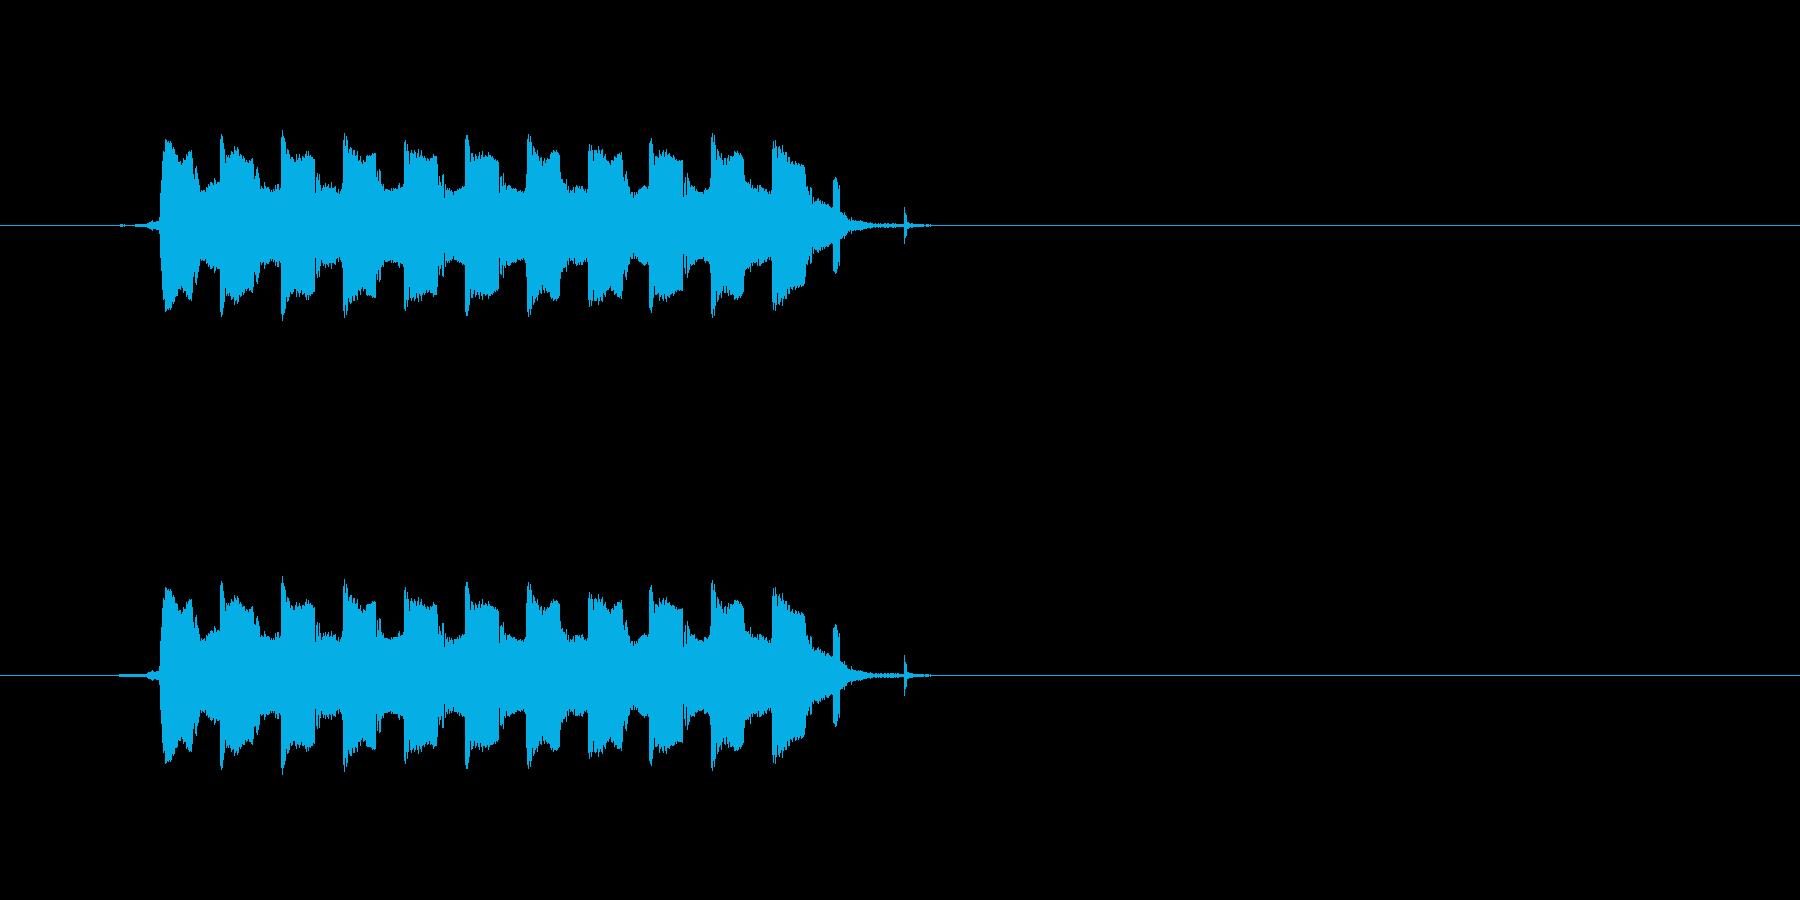 ピルルルルル(電話のコール音)の再生済みの波形